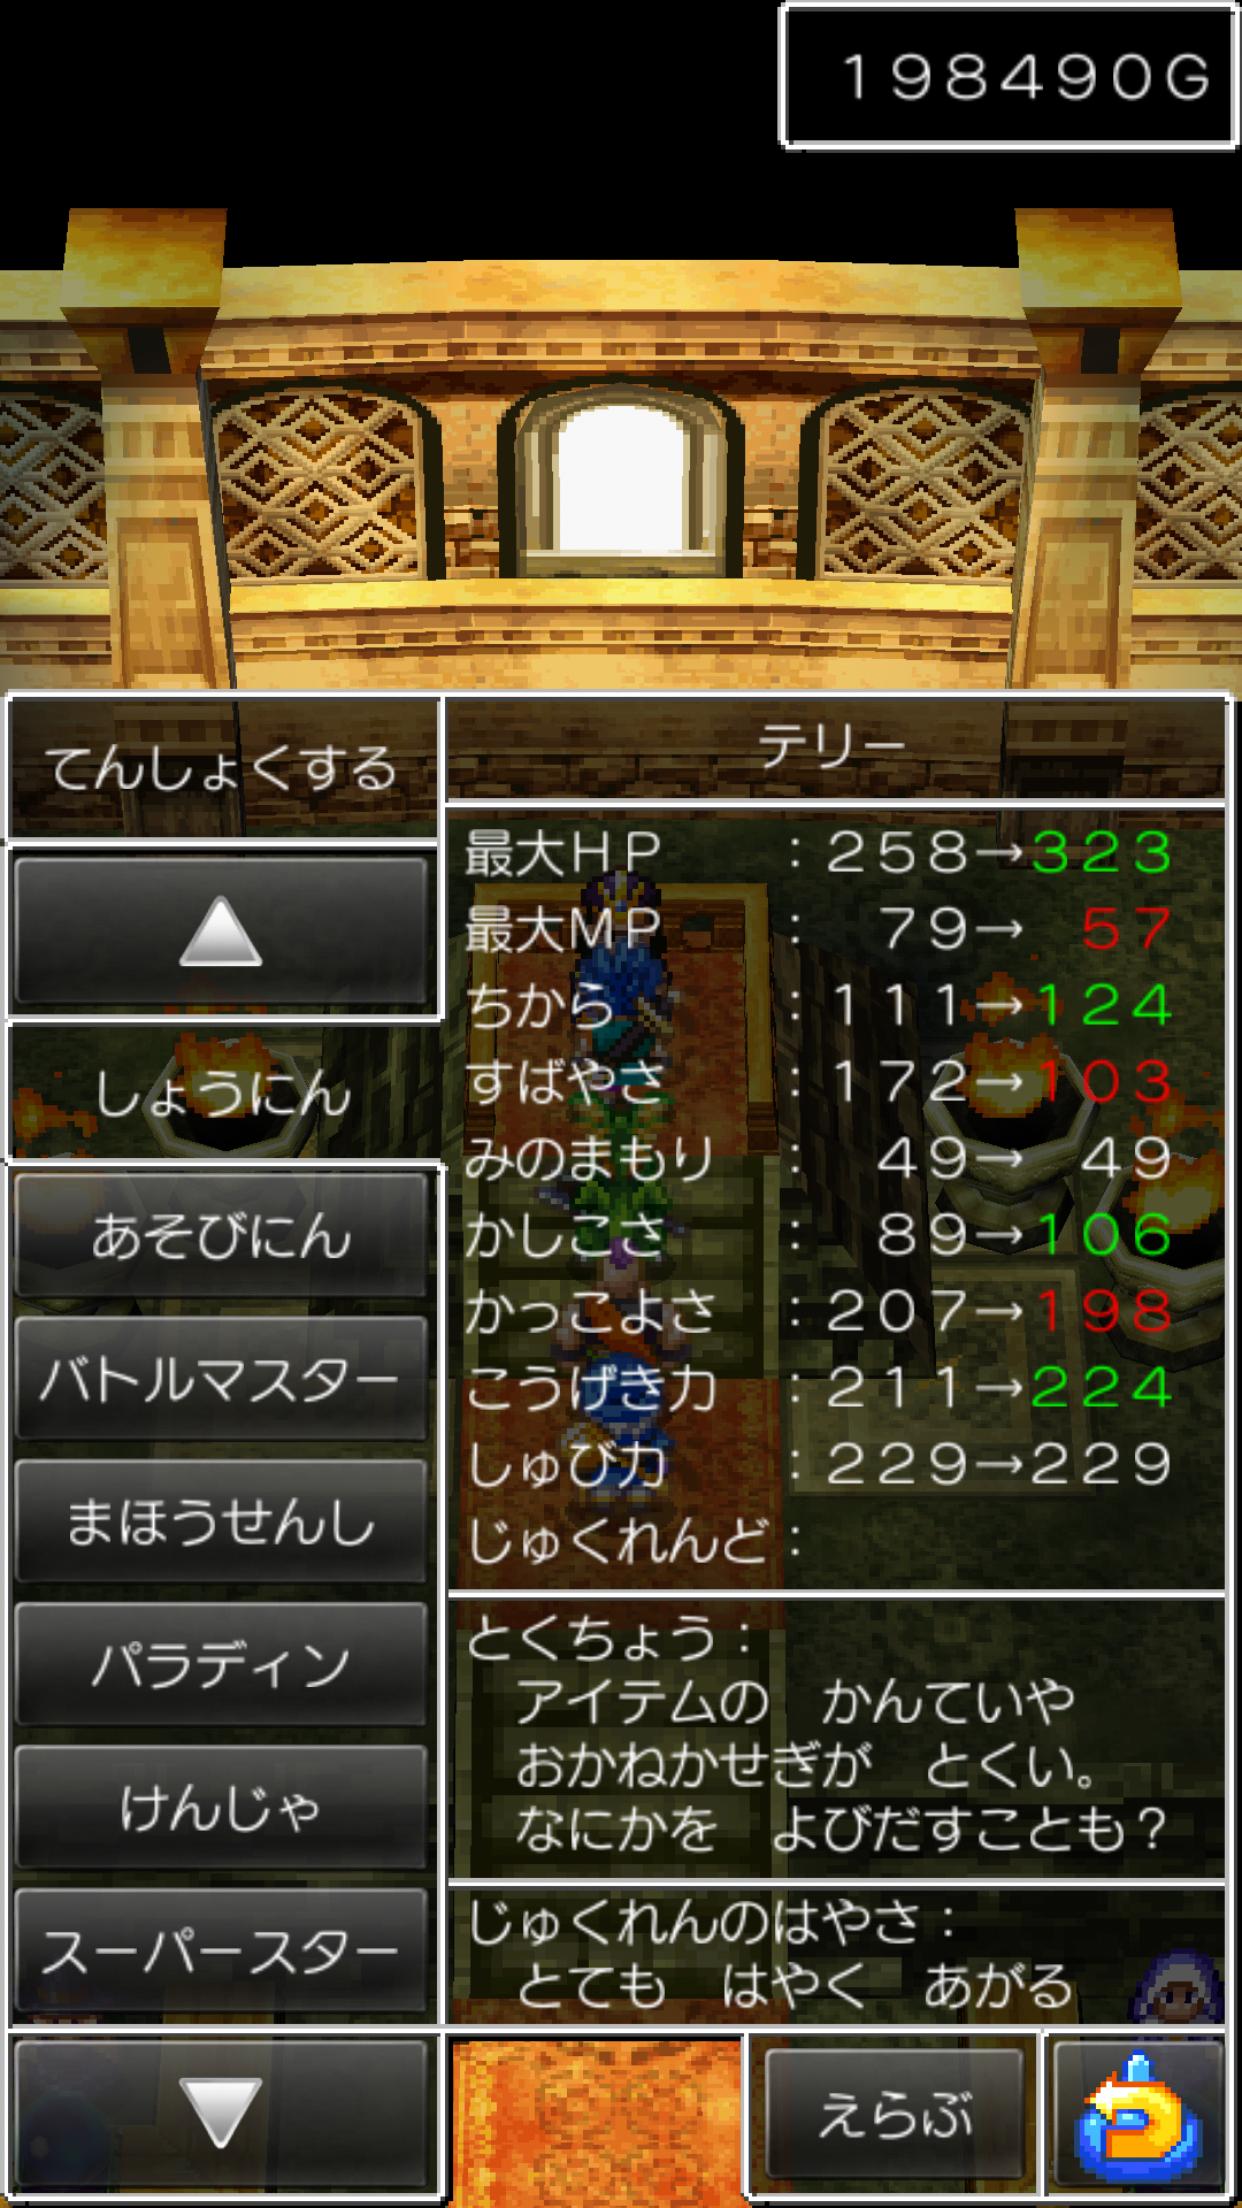 f:id:masanori-kato1972:20190609134355p:image